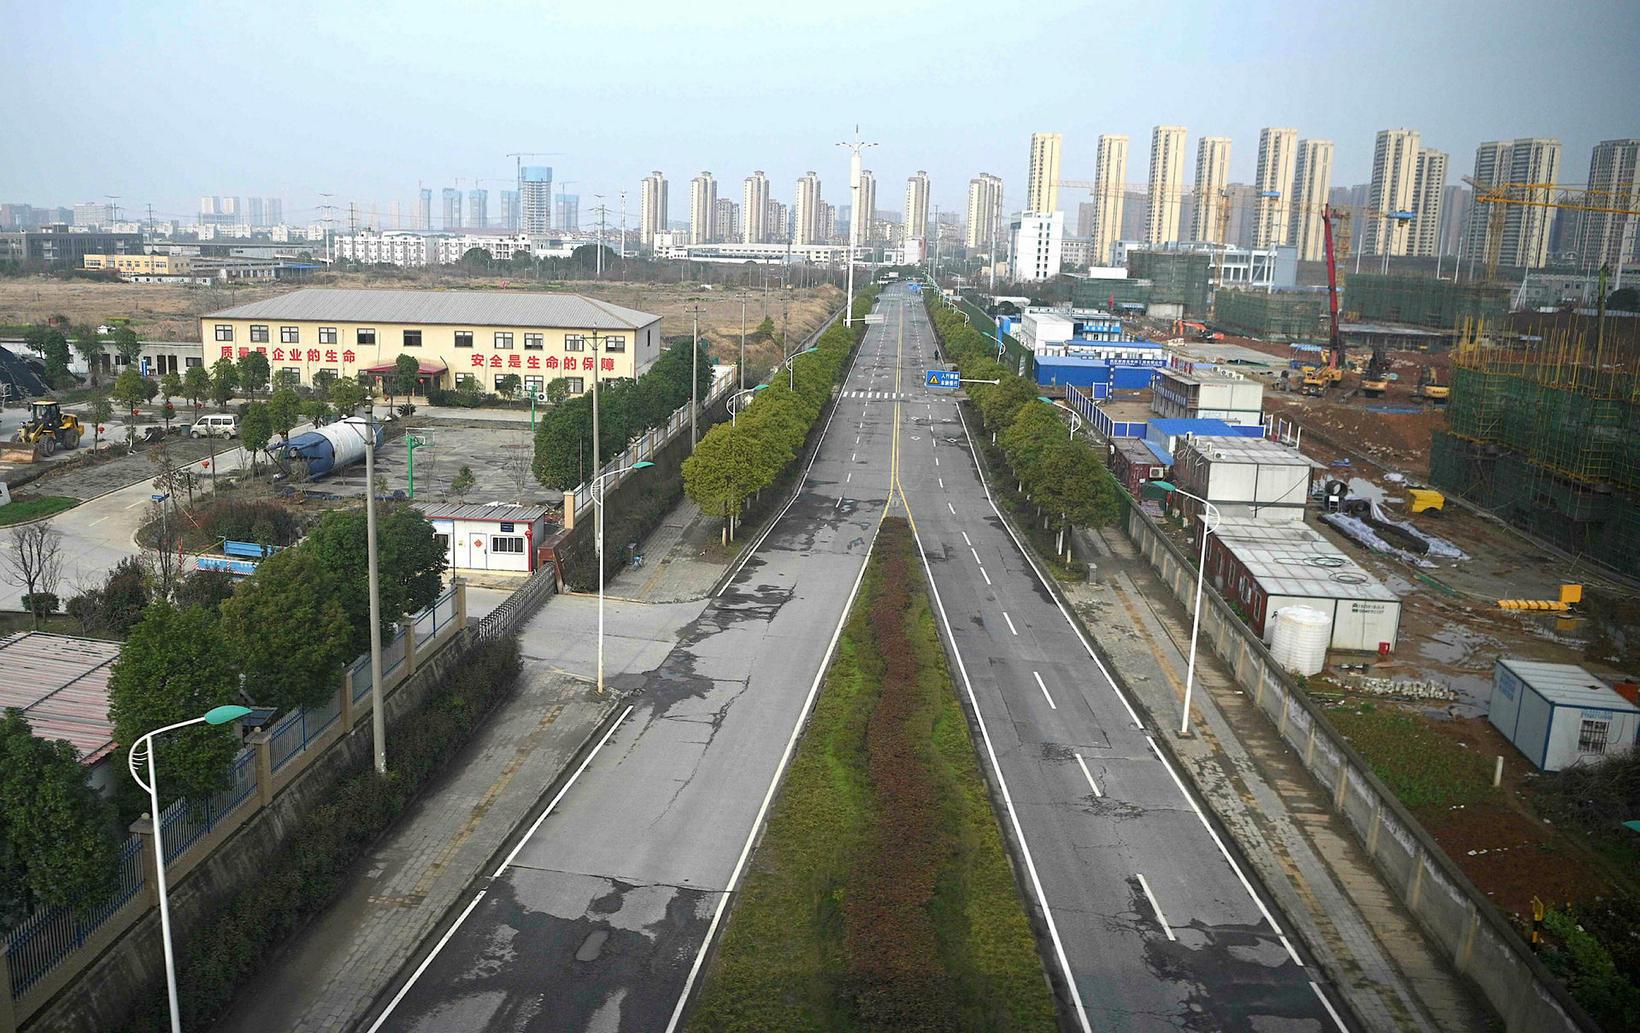 Það er tómlegt um að litast í Wuhan í Kína.